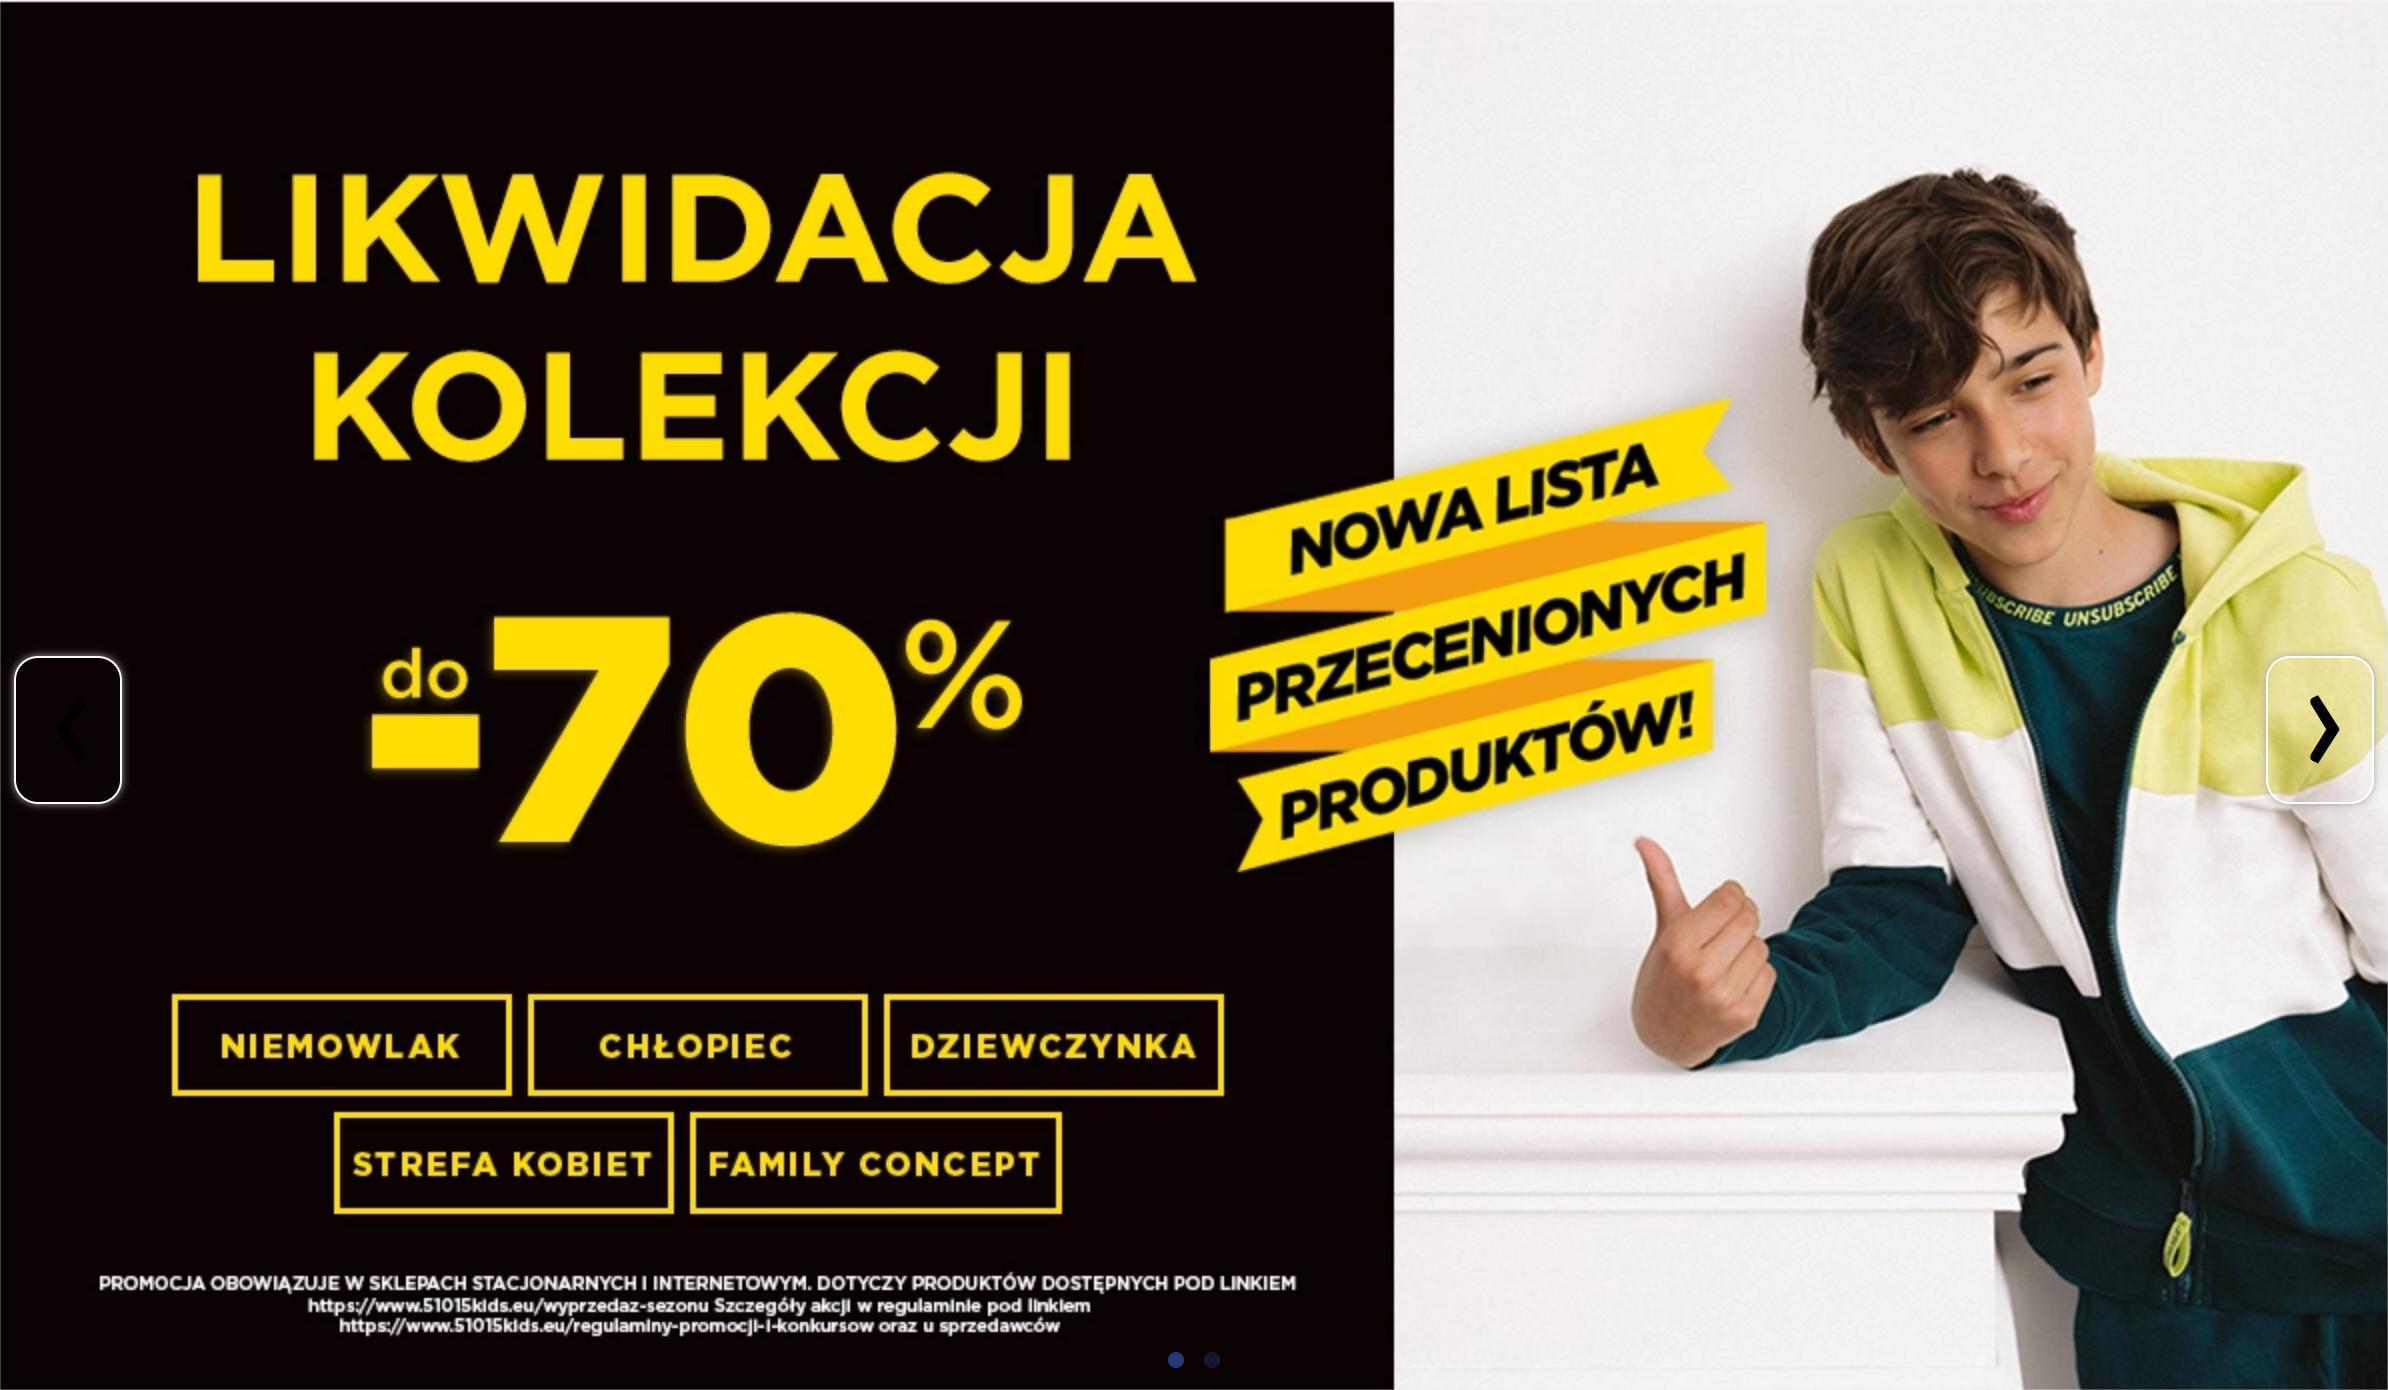 5.10.15.: likwidacja kolekcji do 70% rabatu na odzież dziecięcą i damską